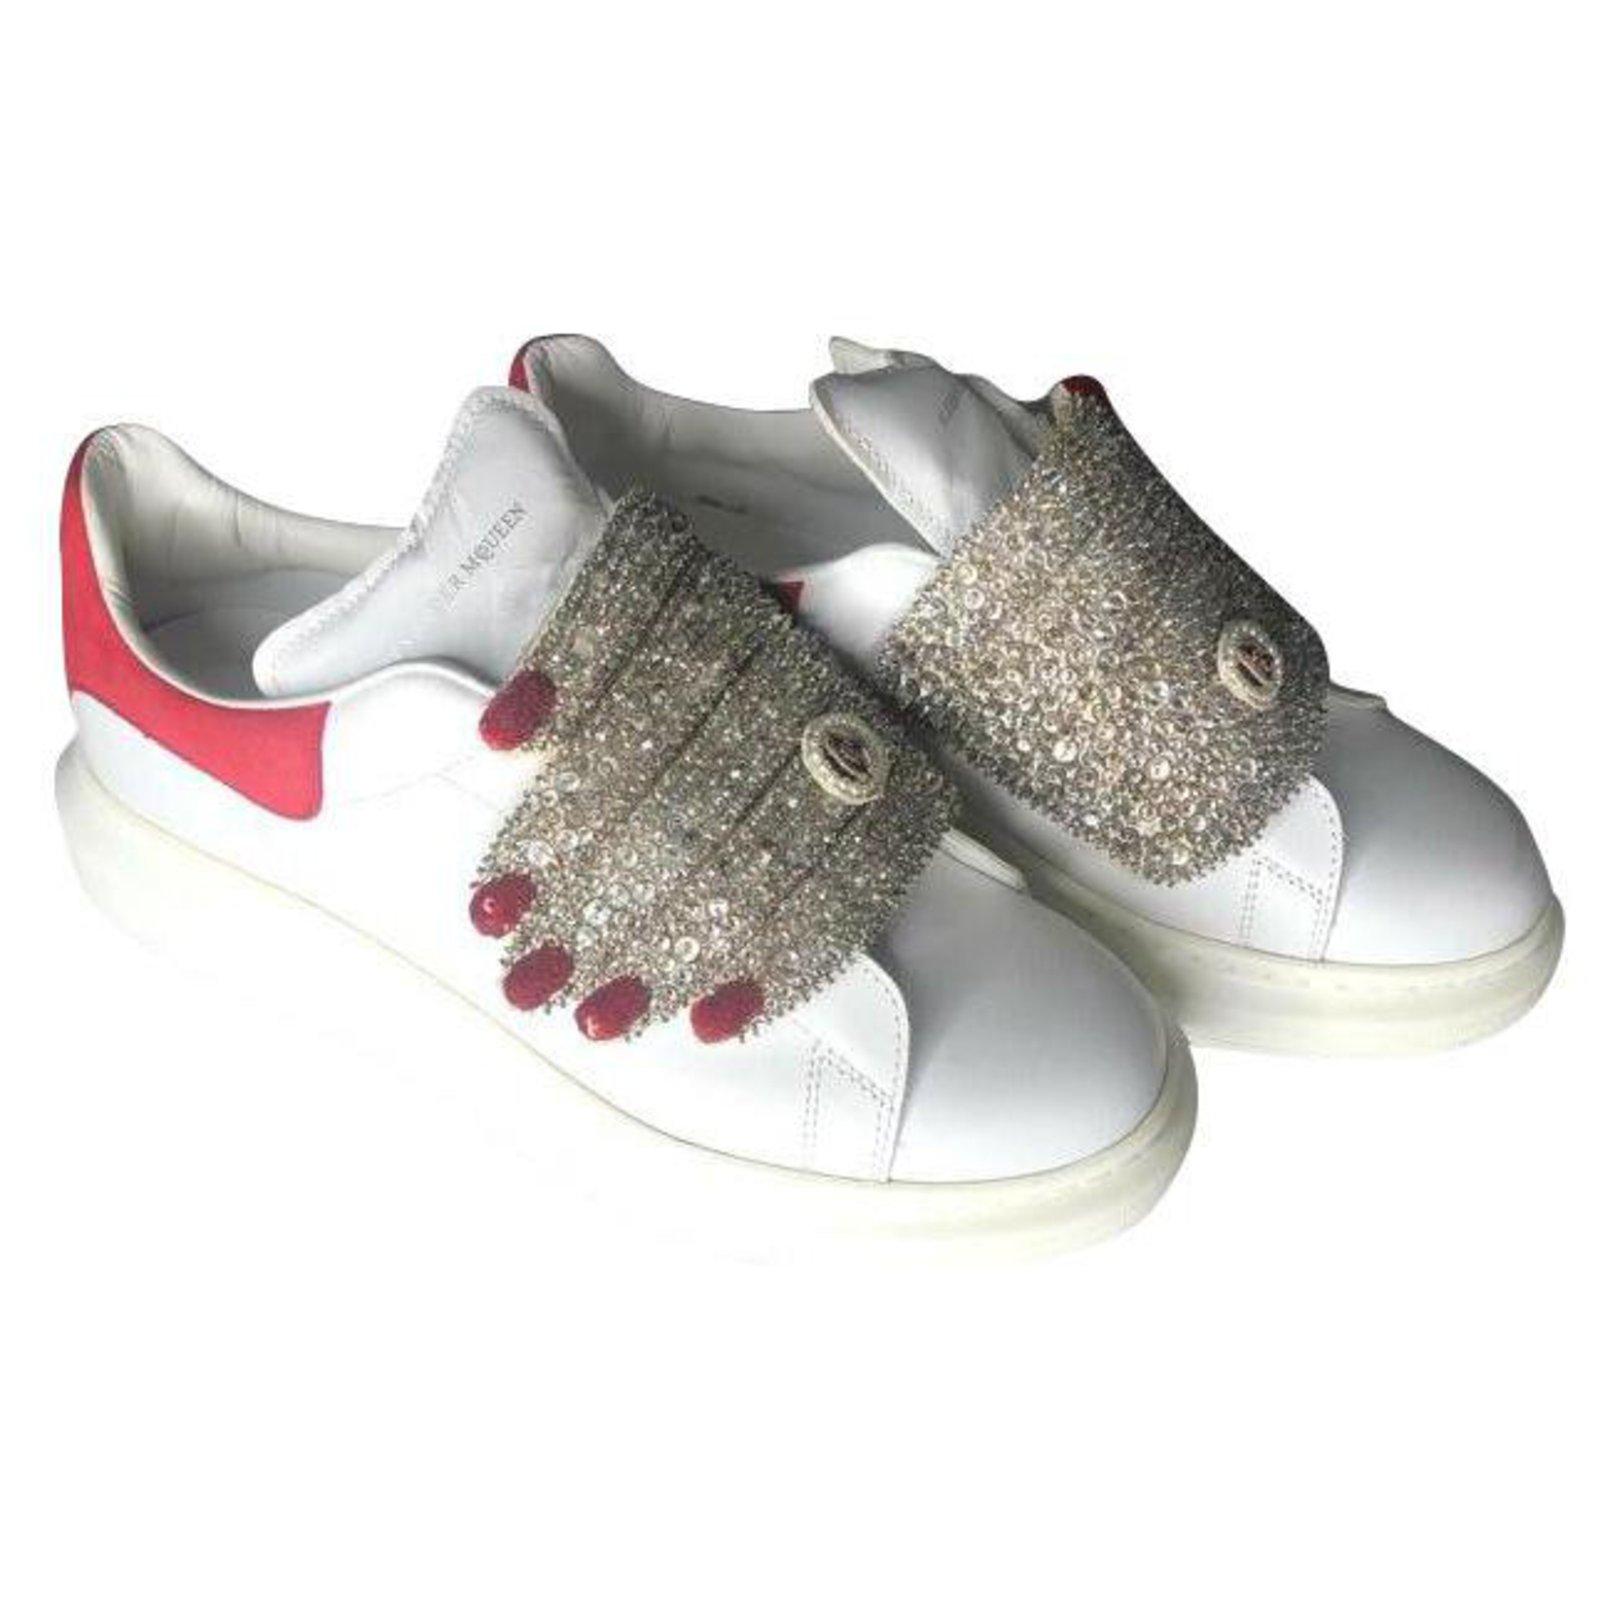 Alexander Mcqueen Sneakers Sneakers